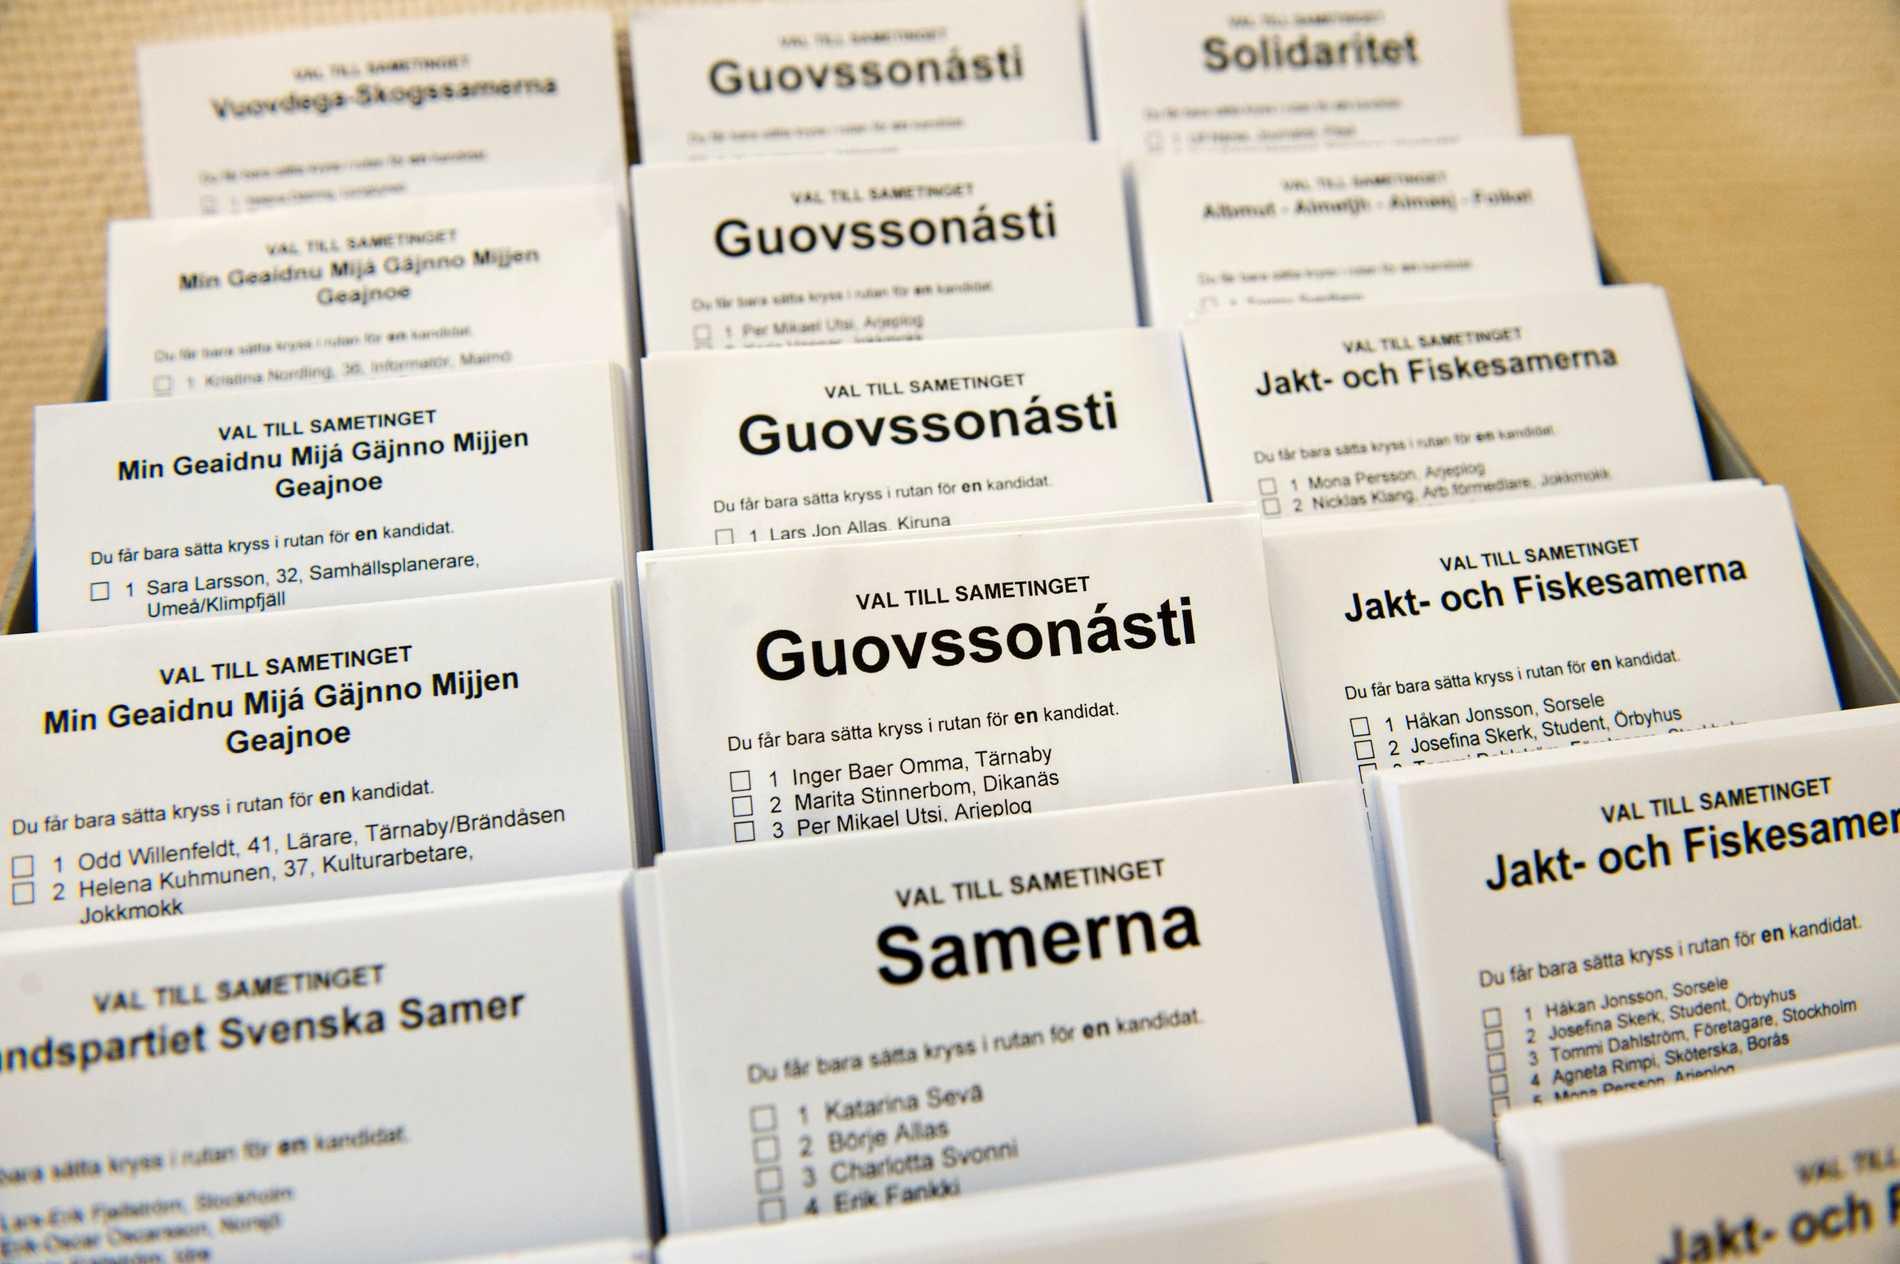 Valsedlar i en vallokal i Stockholms under 2009 års val till Sametinget. Det finns 747 registrerade samer i Stockholms län.